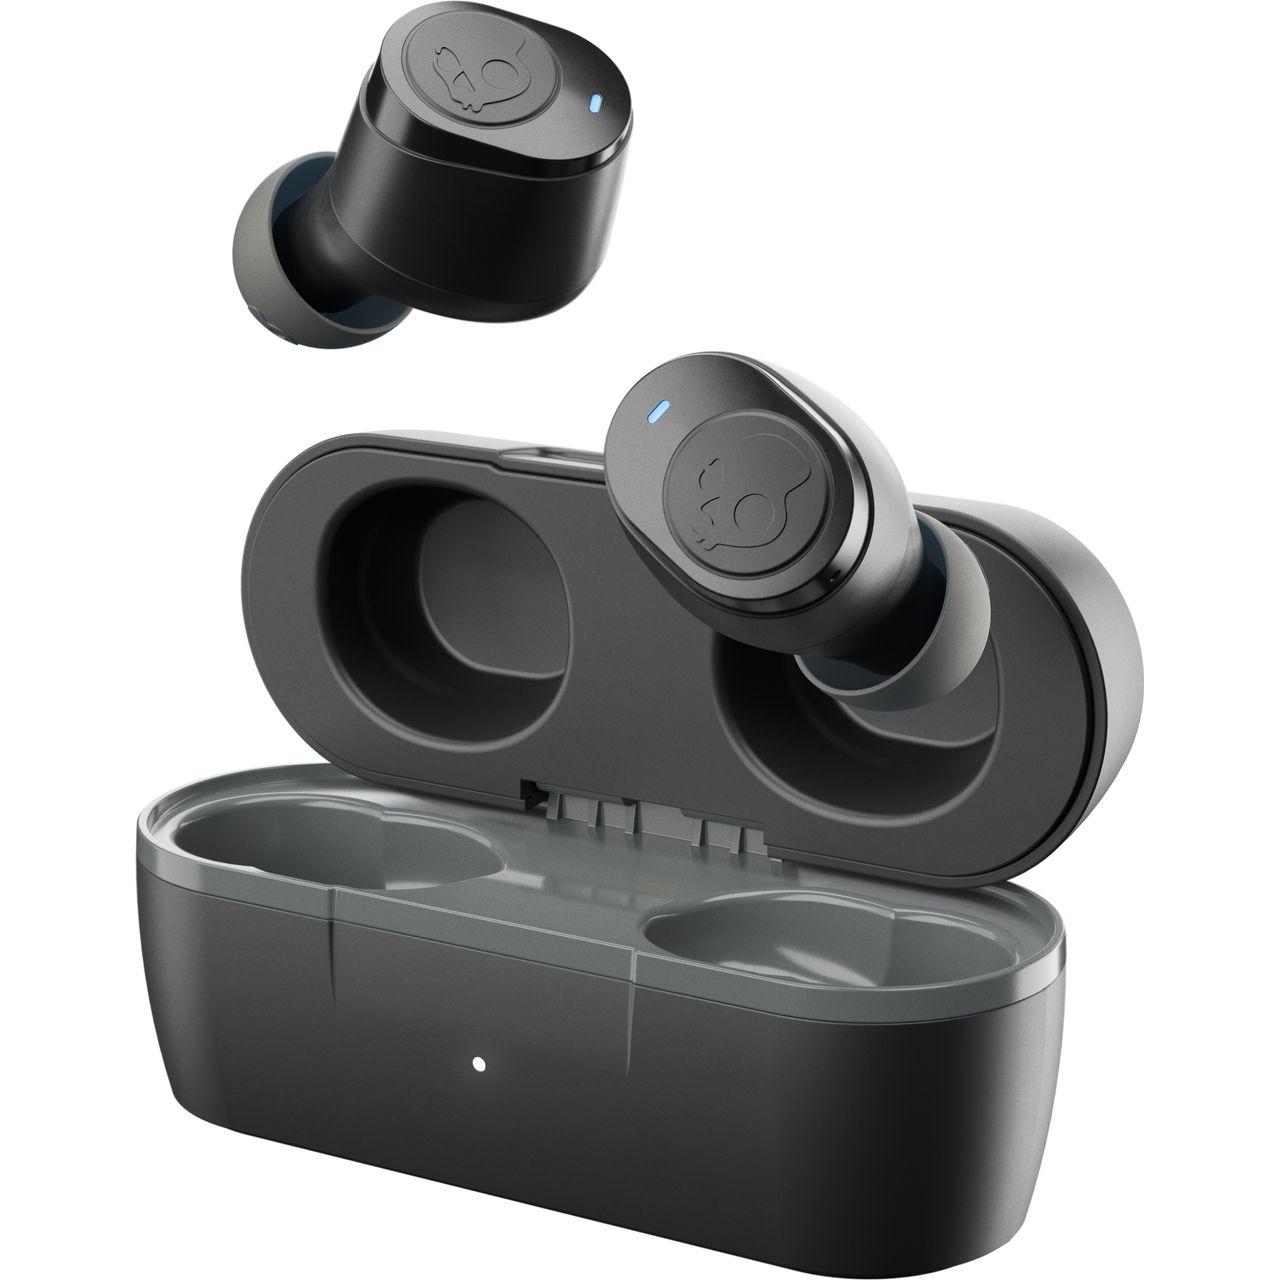 Skullcandy Jib In-Ear Water Resistant Bluetooth Headphones - Black